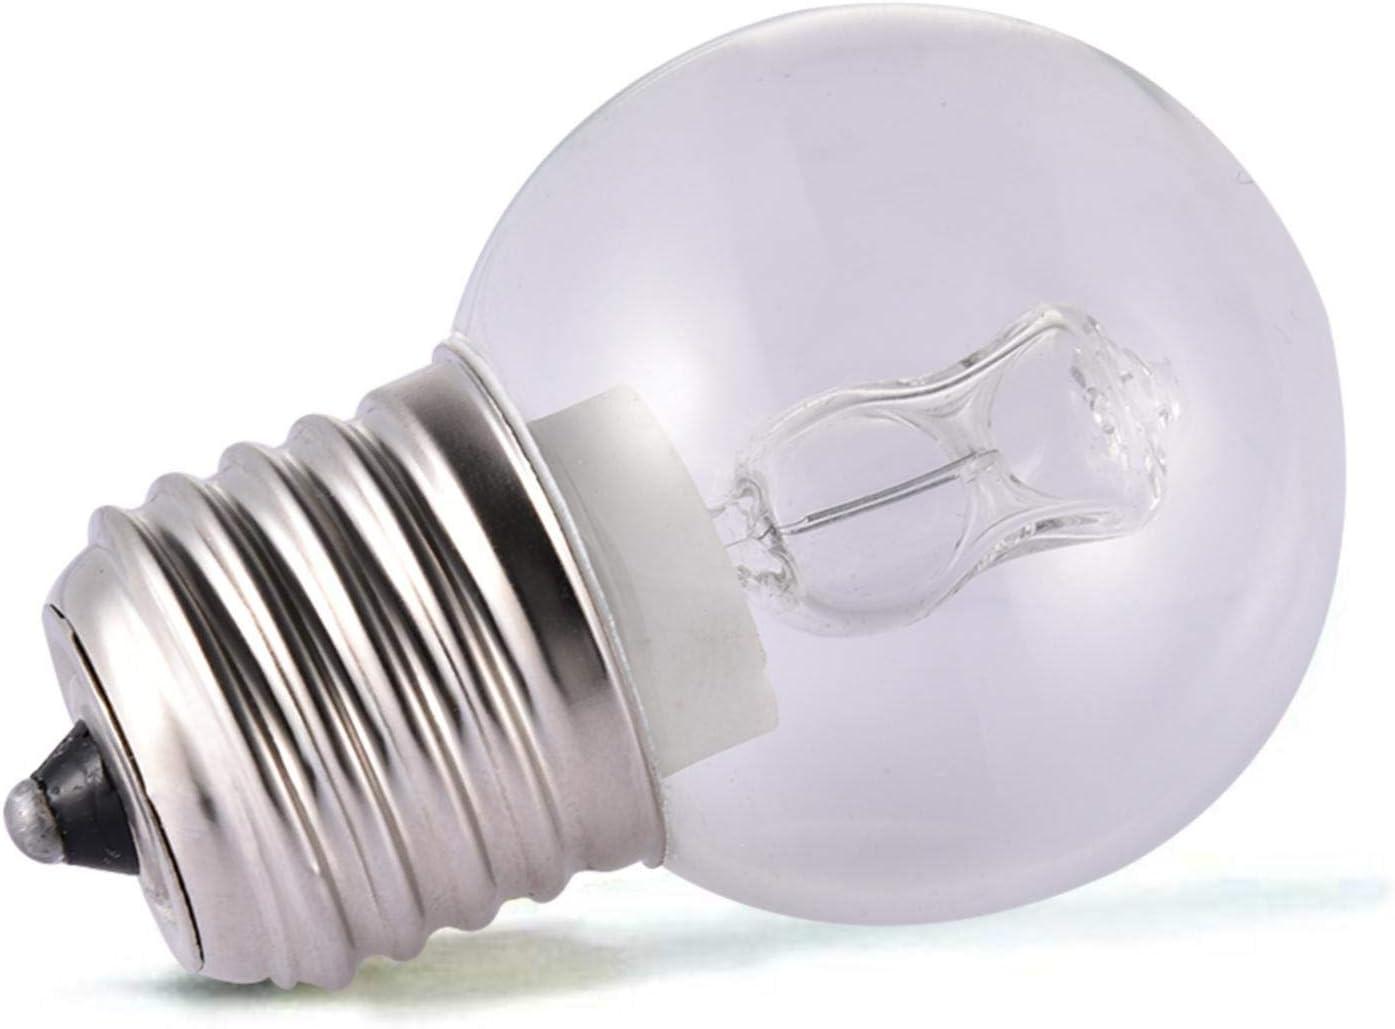 keleiesXD Bombilla para Horno de electrodomésticos Bombilla de Vidrio Transparente para Horno Bombillas incandescentes Resistentes a Altas temperaturas de 500 Grados 2650k Blanco Suave Advantage